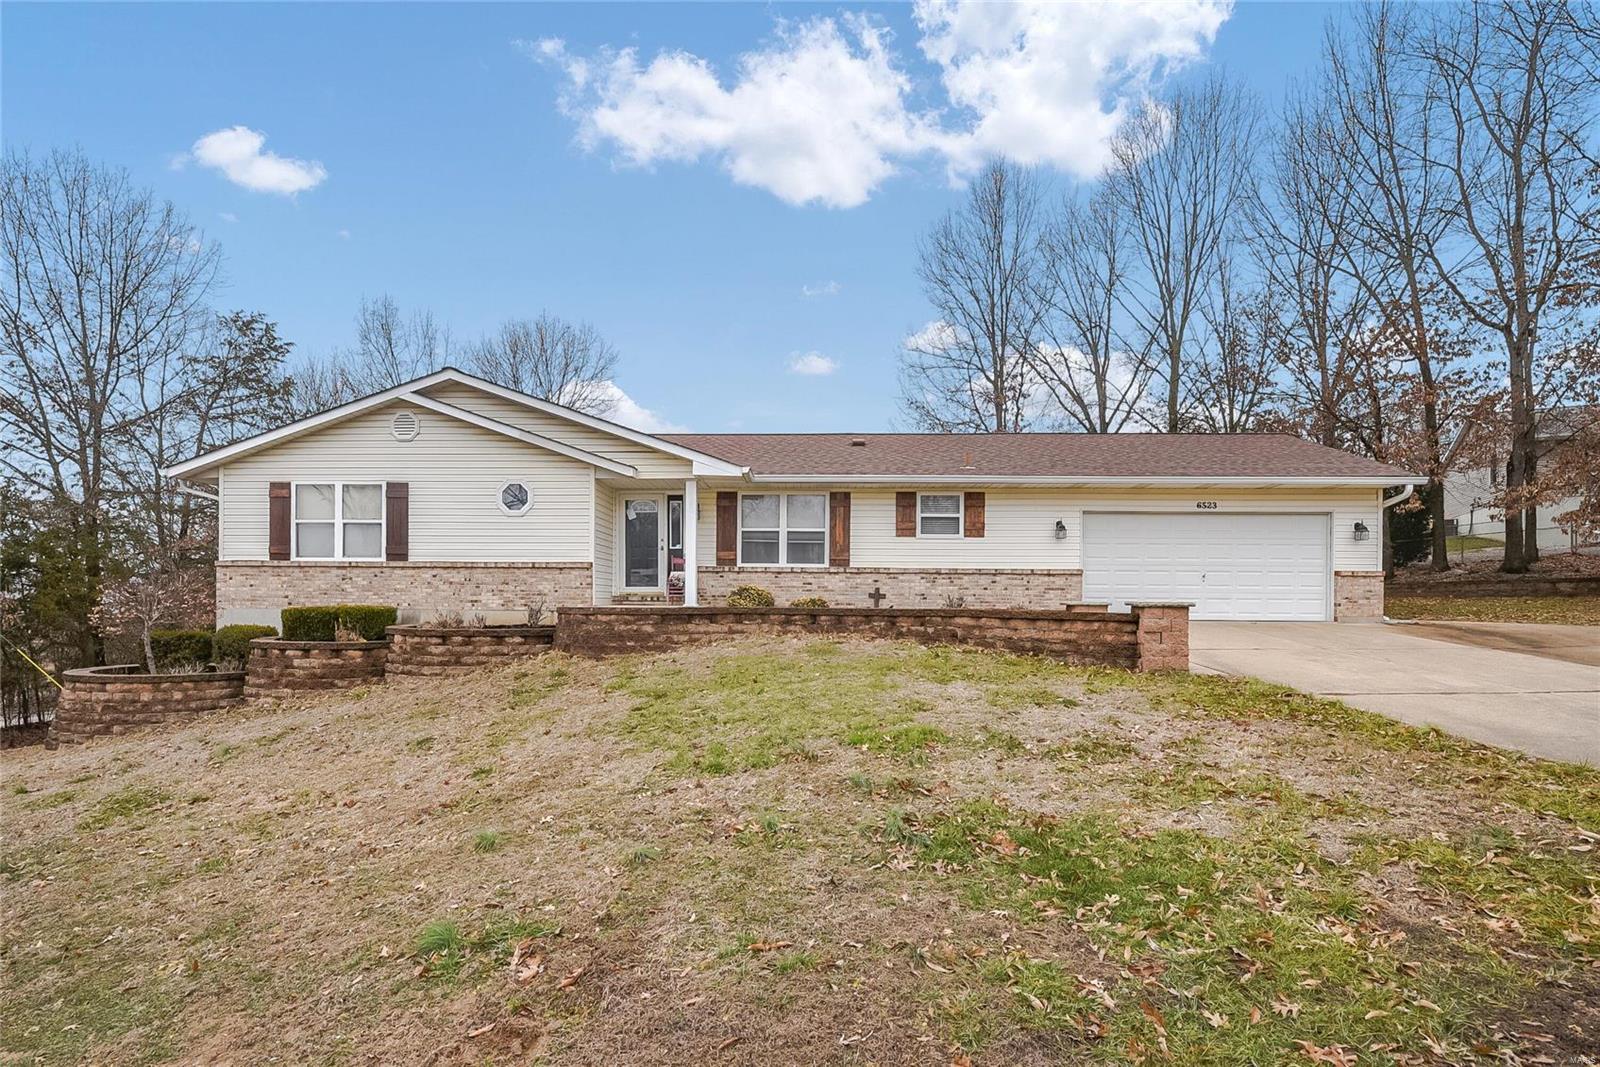 Barrington Oaks 02 Real Estate Listings Main Image